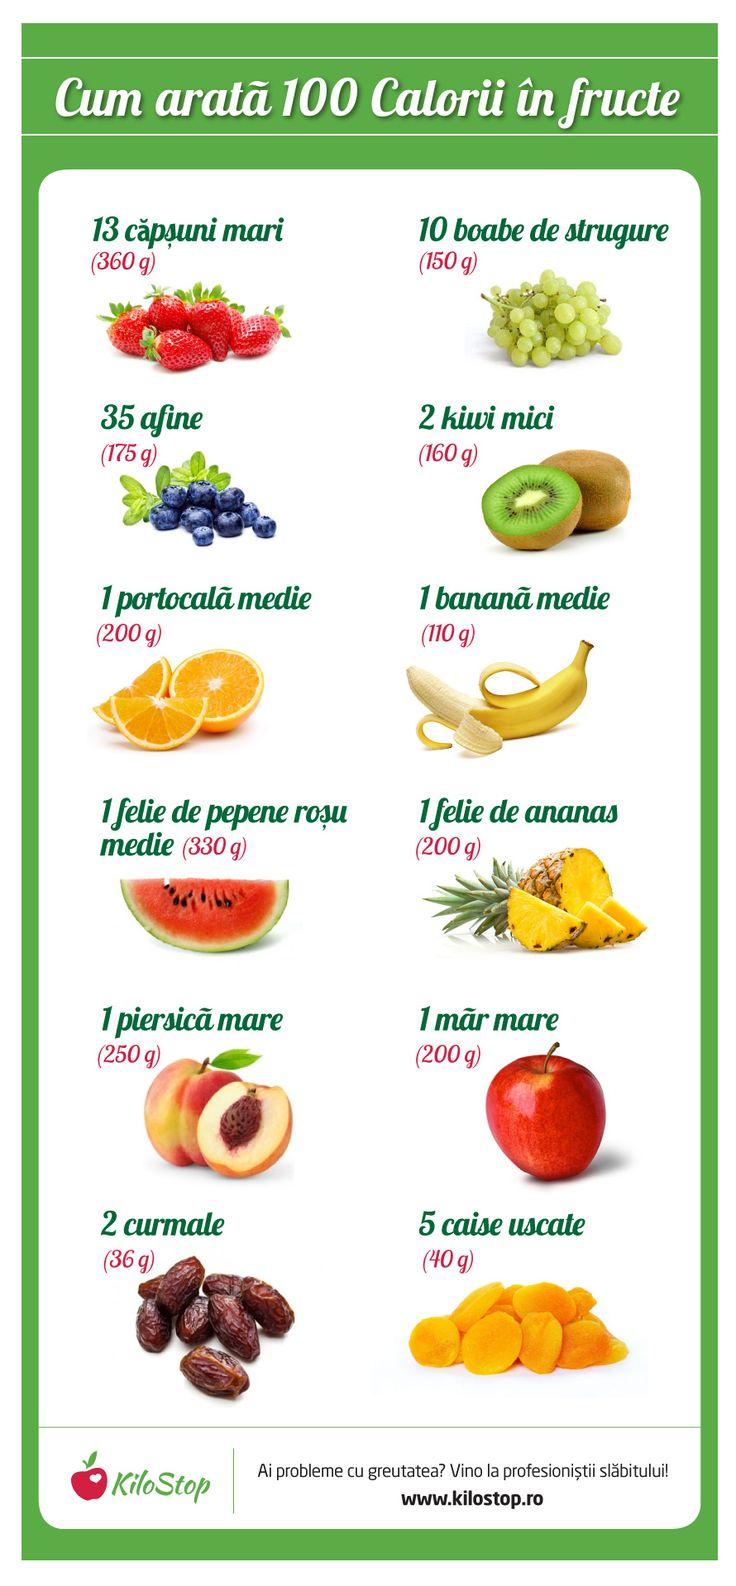 Tu știi cum să consumi corect fructele atunci când îți dorești să slăbești?